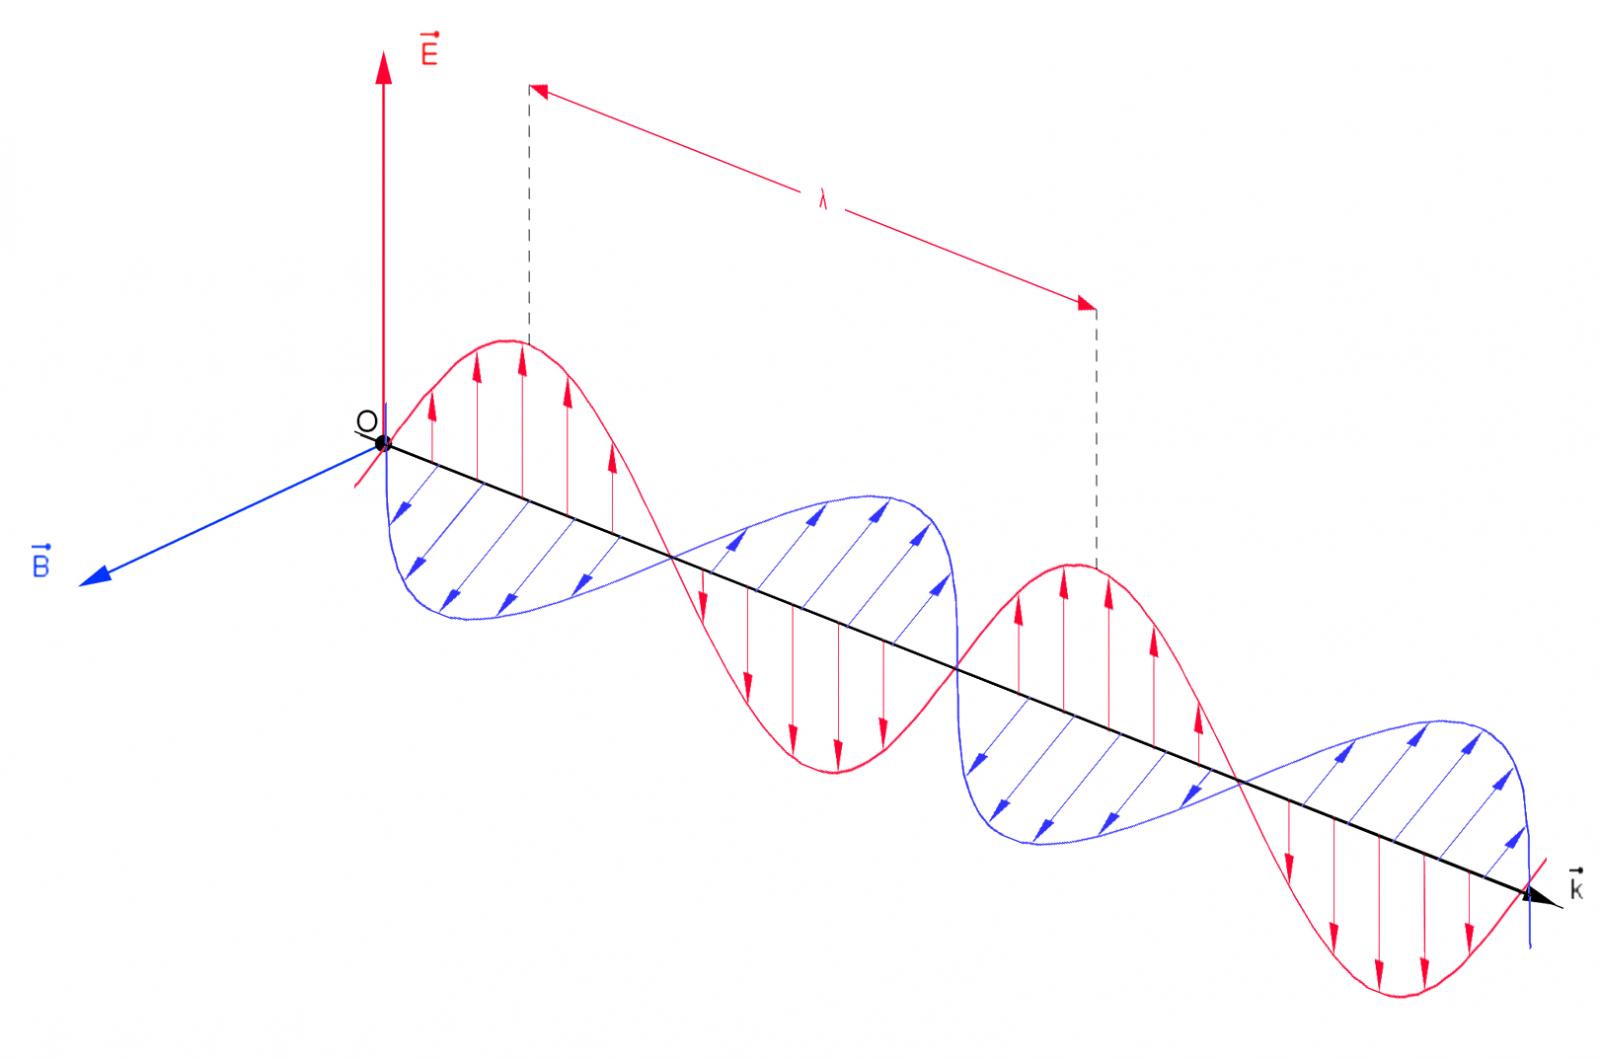 Caratteristiche delle onde elettromagnetiche maxwell e la mutua generazione - Onde electromagnetique explication ...